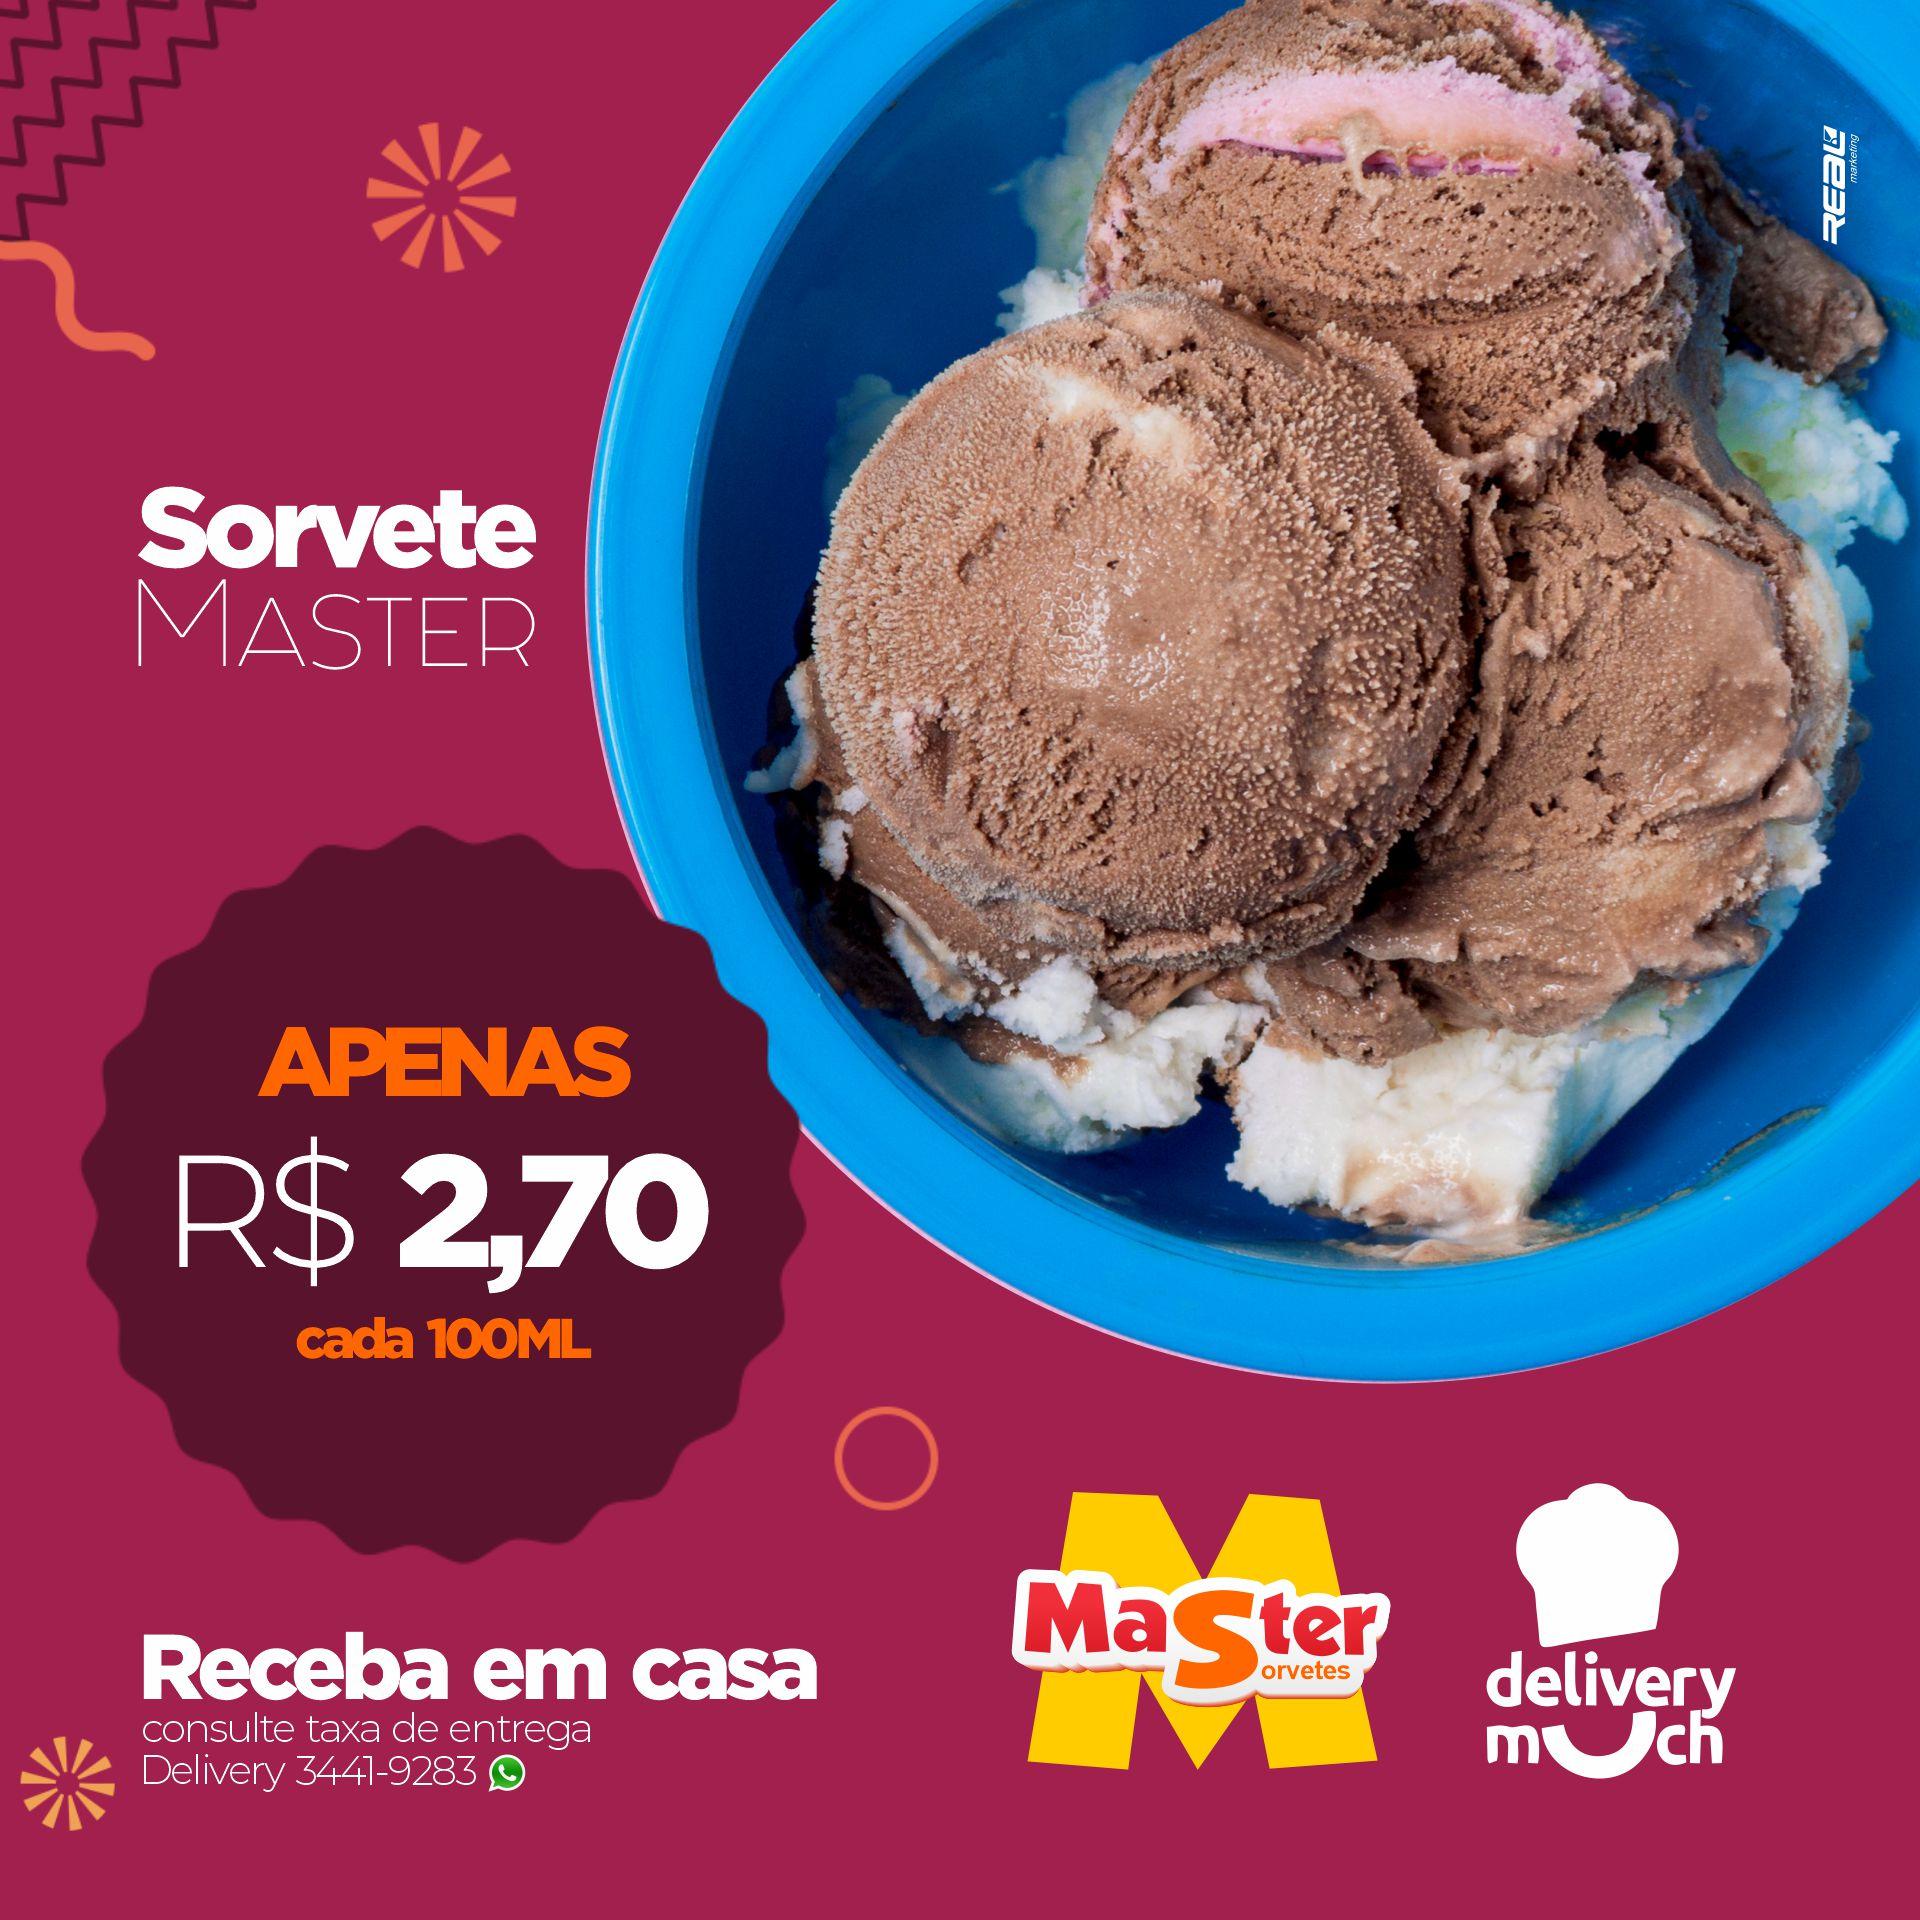 PROMOÇÃO_MASTER_sorvete_2